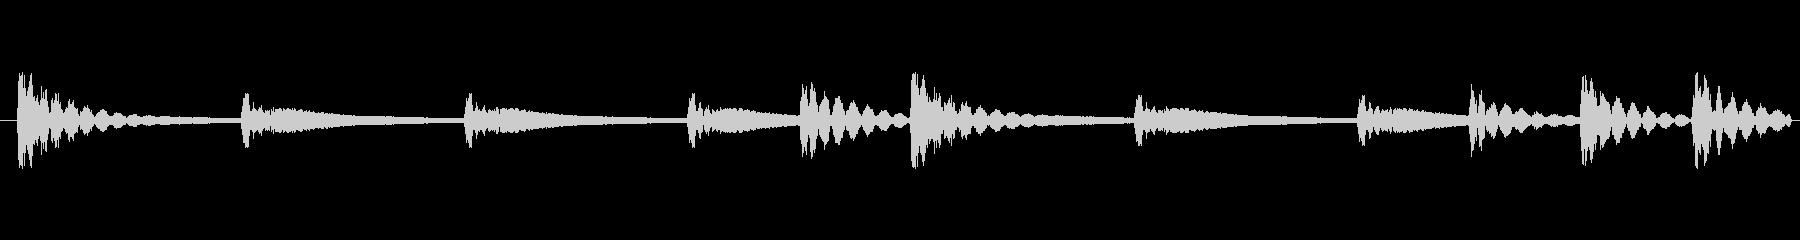 和太鼓音源ループ素材です。こちらはリバ…の未再生の波形